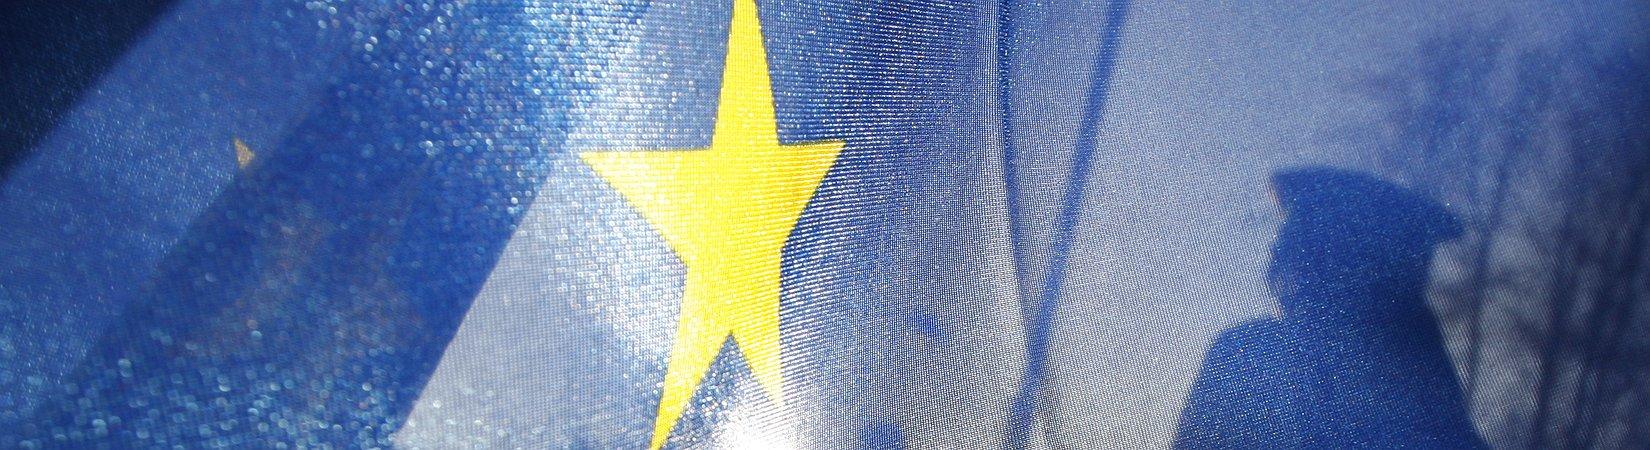 9 cose che la Commissione europea vuole rendere illegali